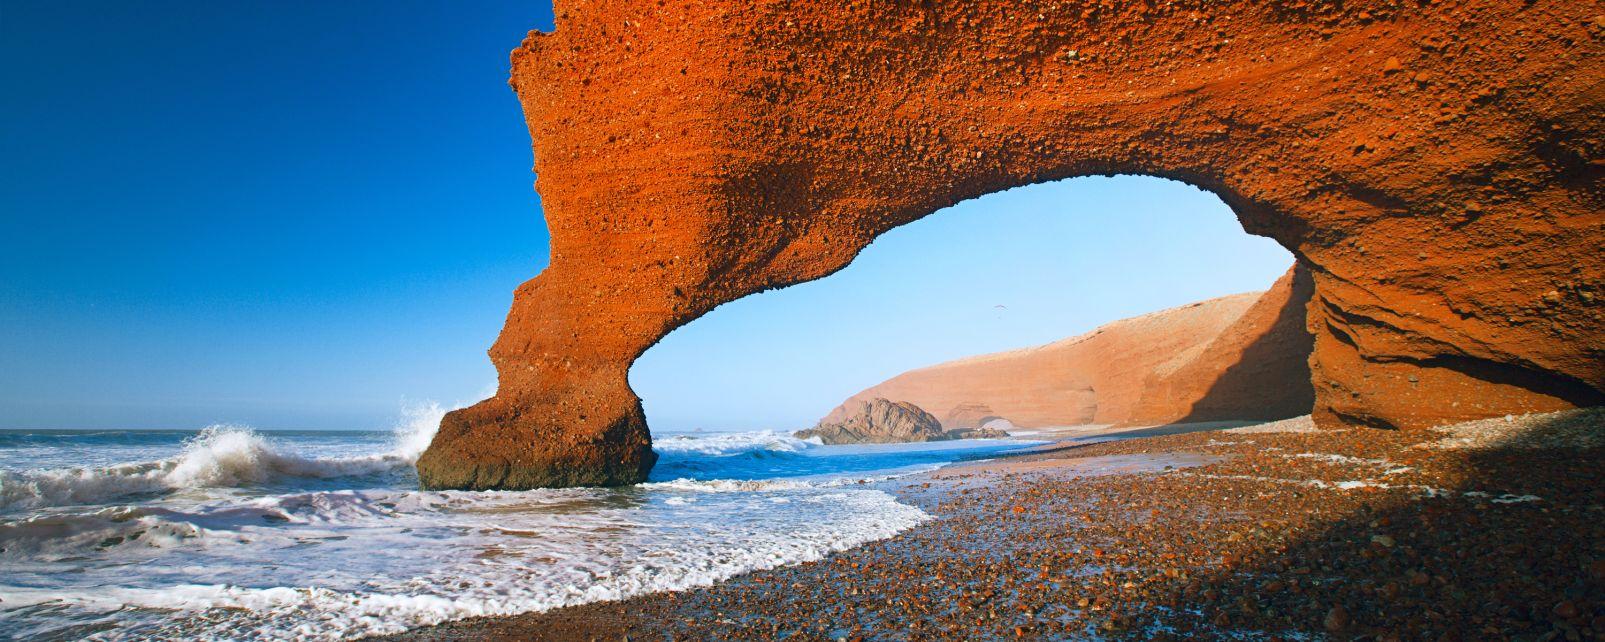 , La côte Atlantique, I paesaggi, Il sud del Marocco